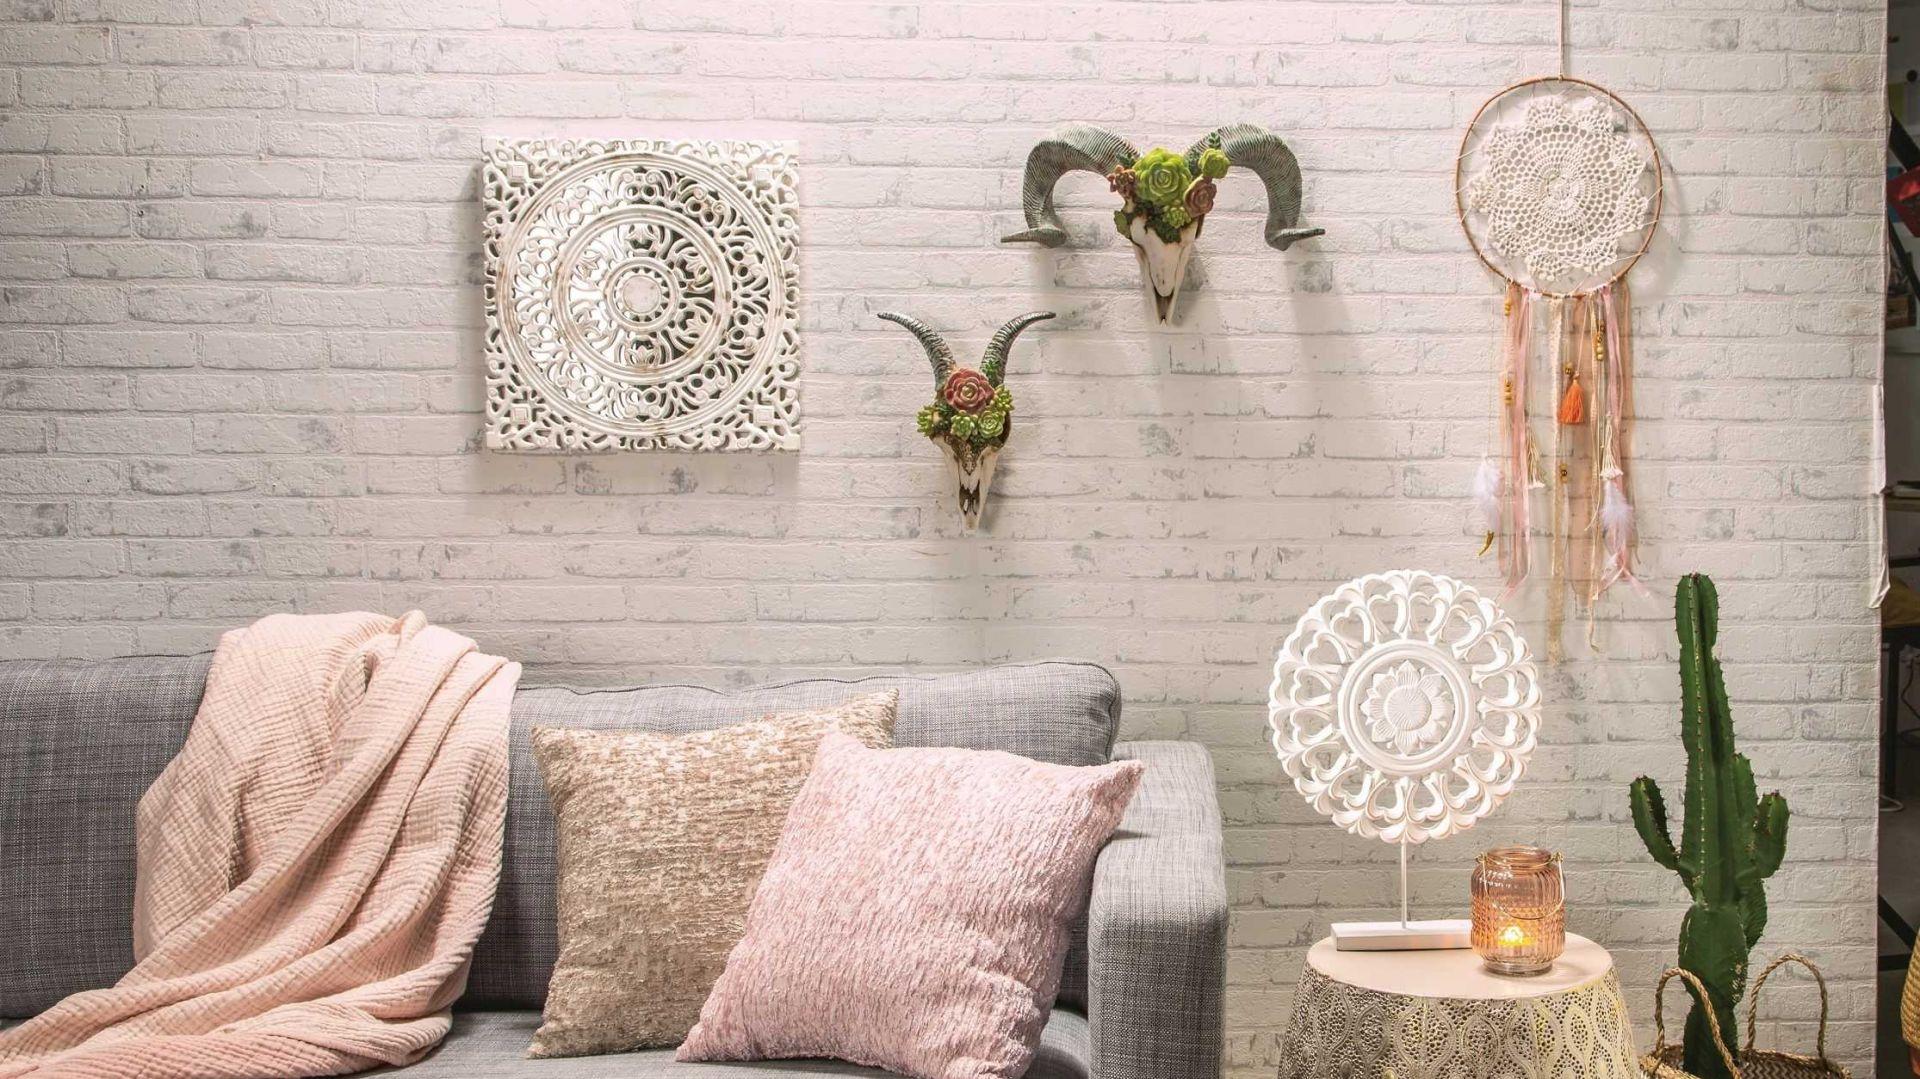 Styl boho to bogate wnętrza pełne miękkich materiałów, mebli z egzotycznego drewna i orientalnych, połyskujących wzorów. Fot. KiK